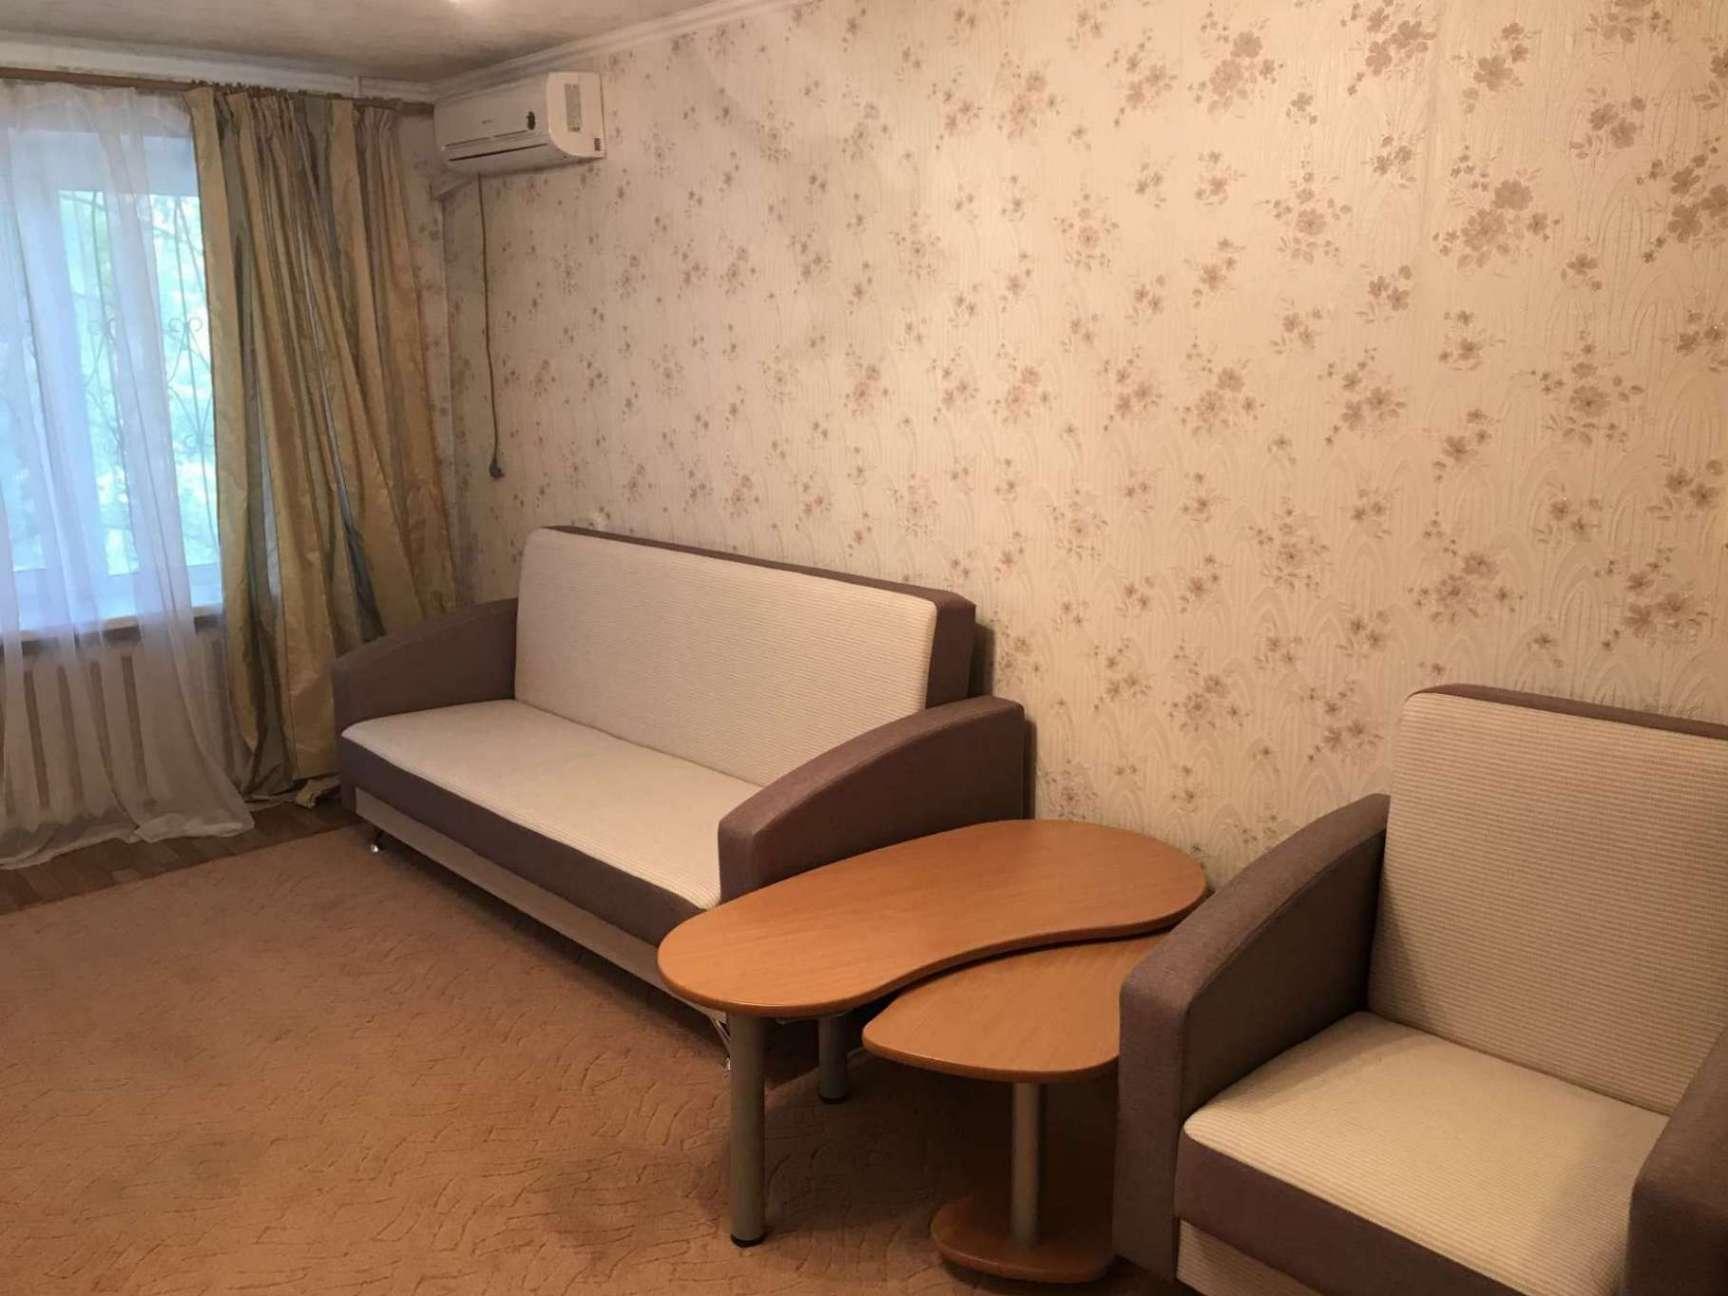 Аренда 1-комнатной квартиры, Самара, Ленина проспект,  дом 14